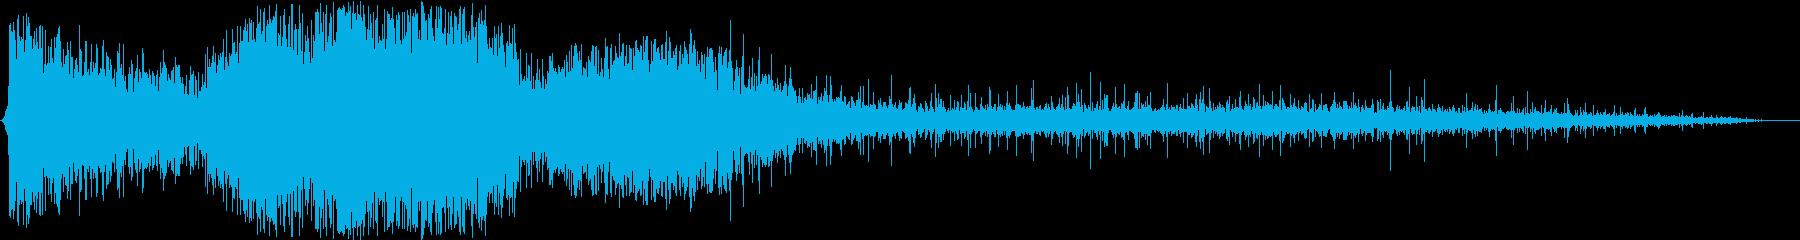 バーストとパチパチ音を伴う重ガス爆発の再生済みの波形